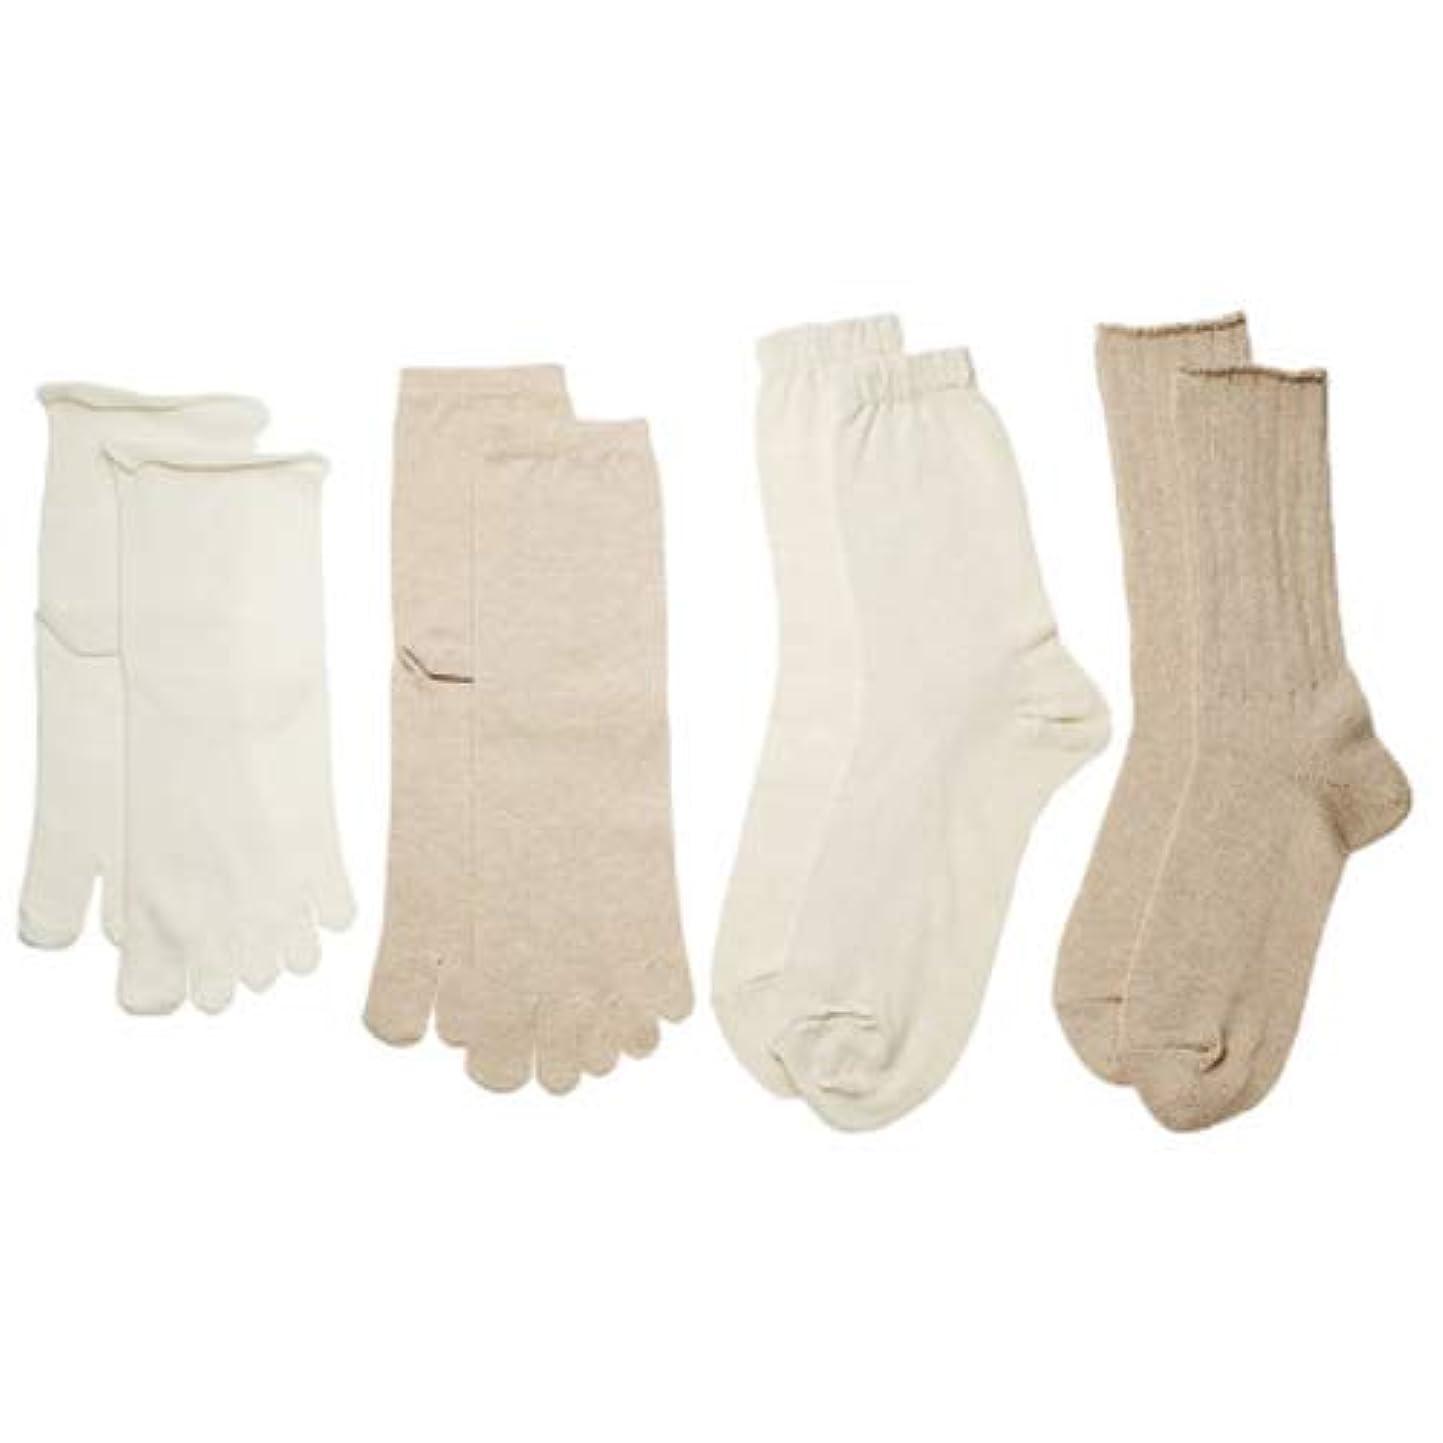 繊毛台無しに適度なコクーンフィット 4枚重ね履きソックス Sサイズ(22~24.5cm)